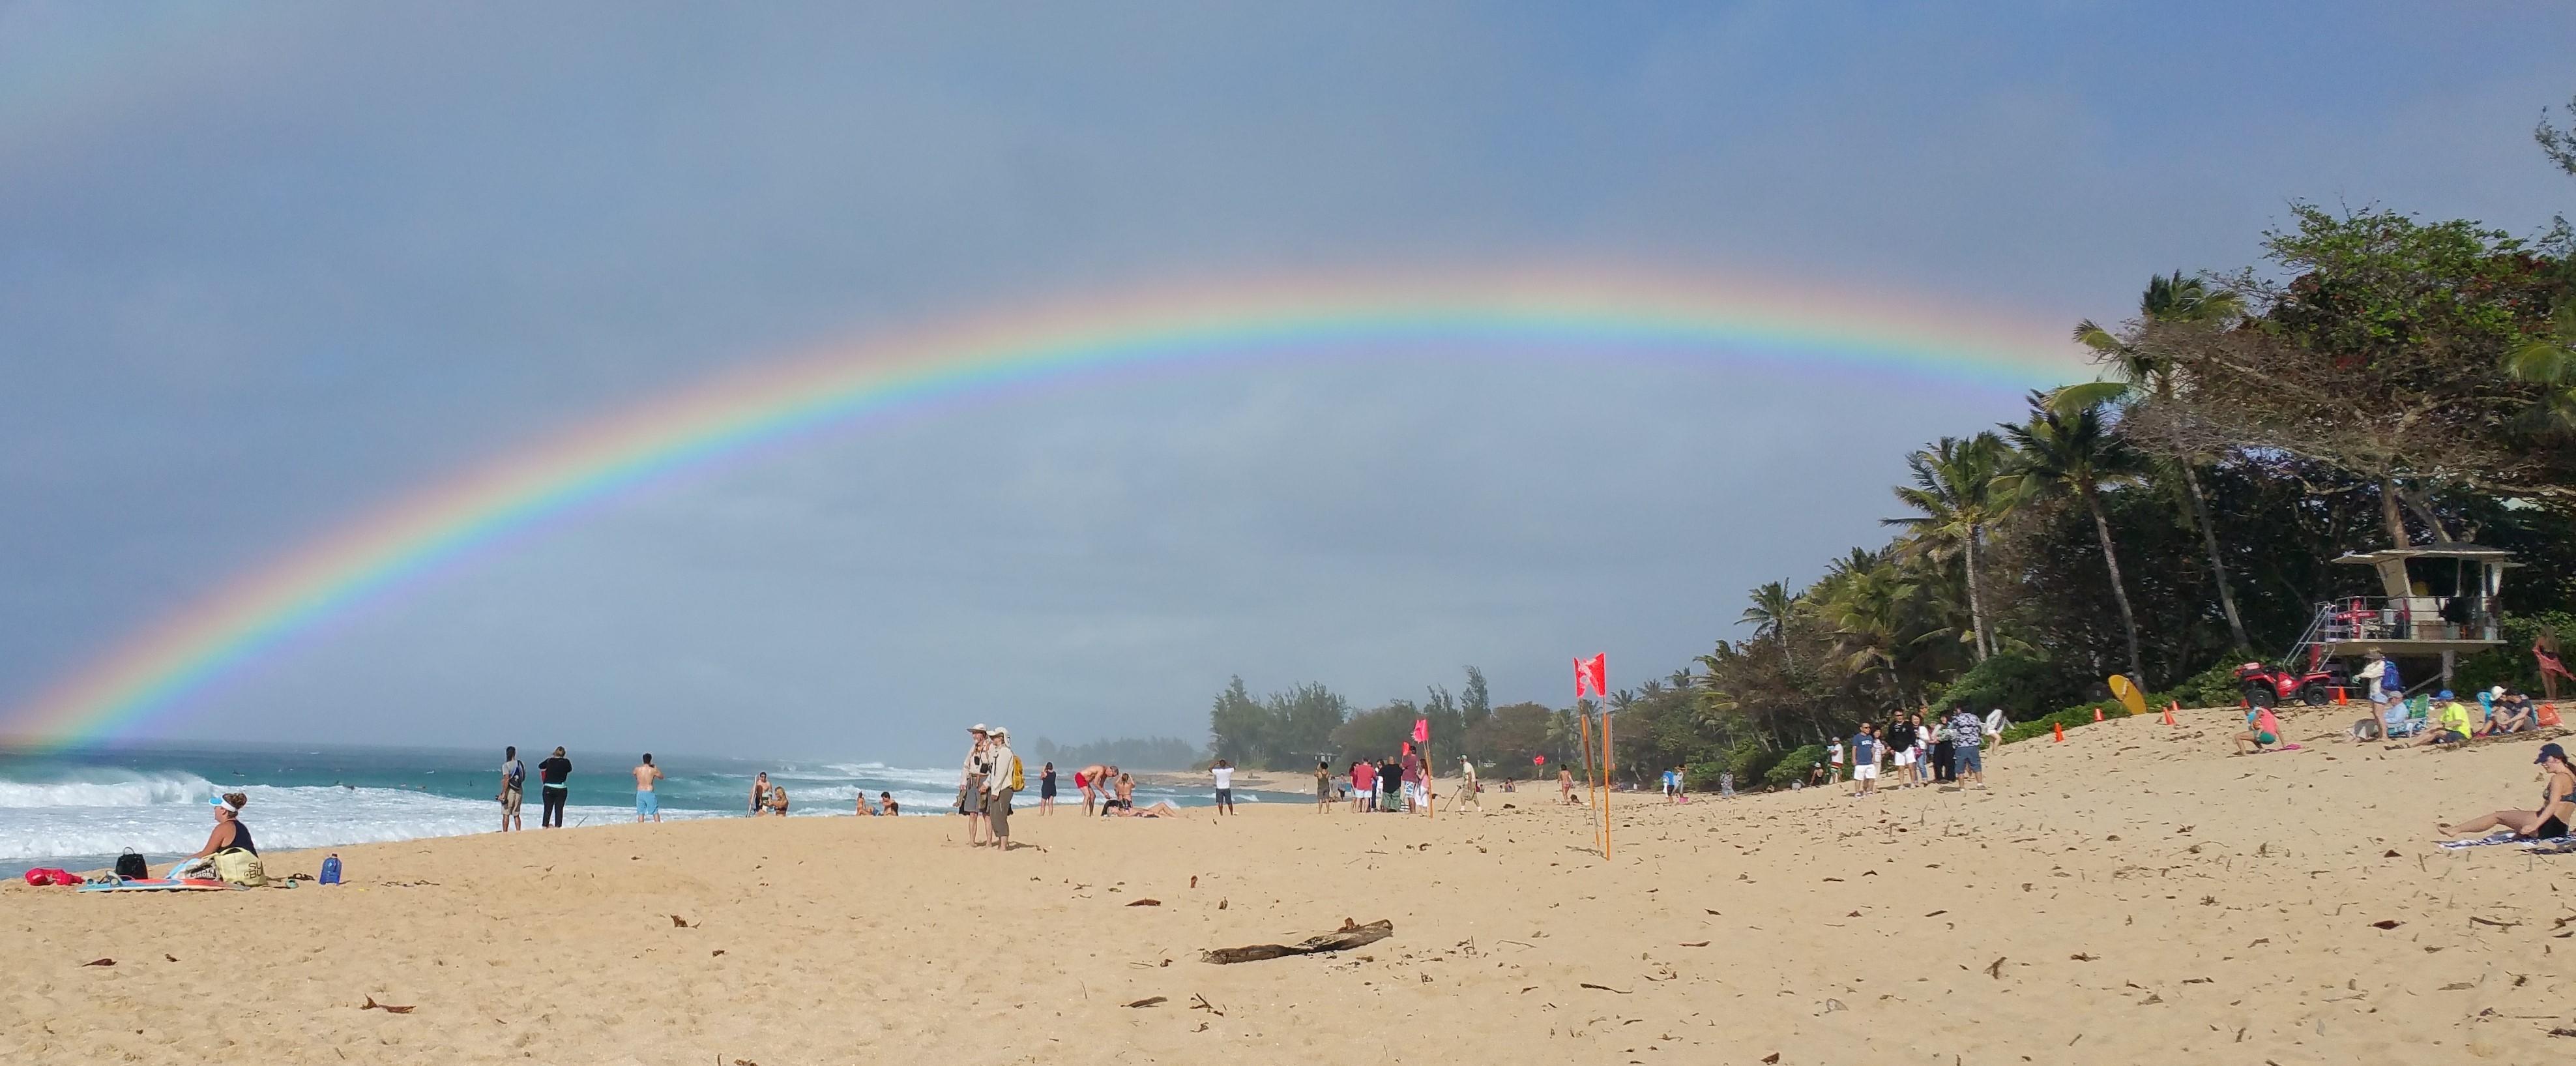 rainbowcrop